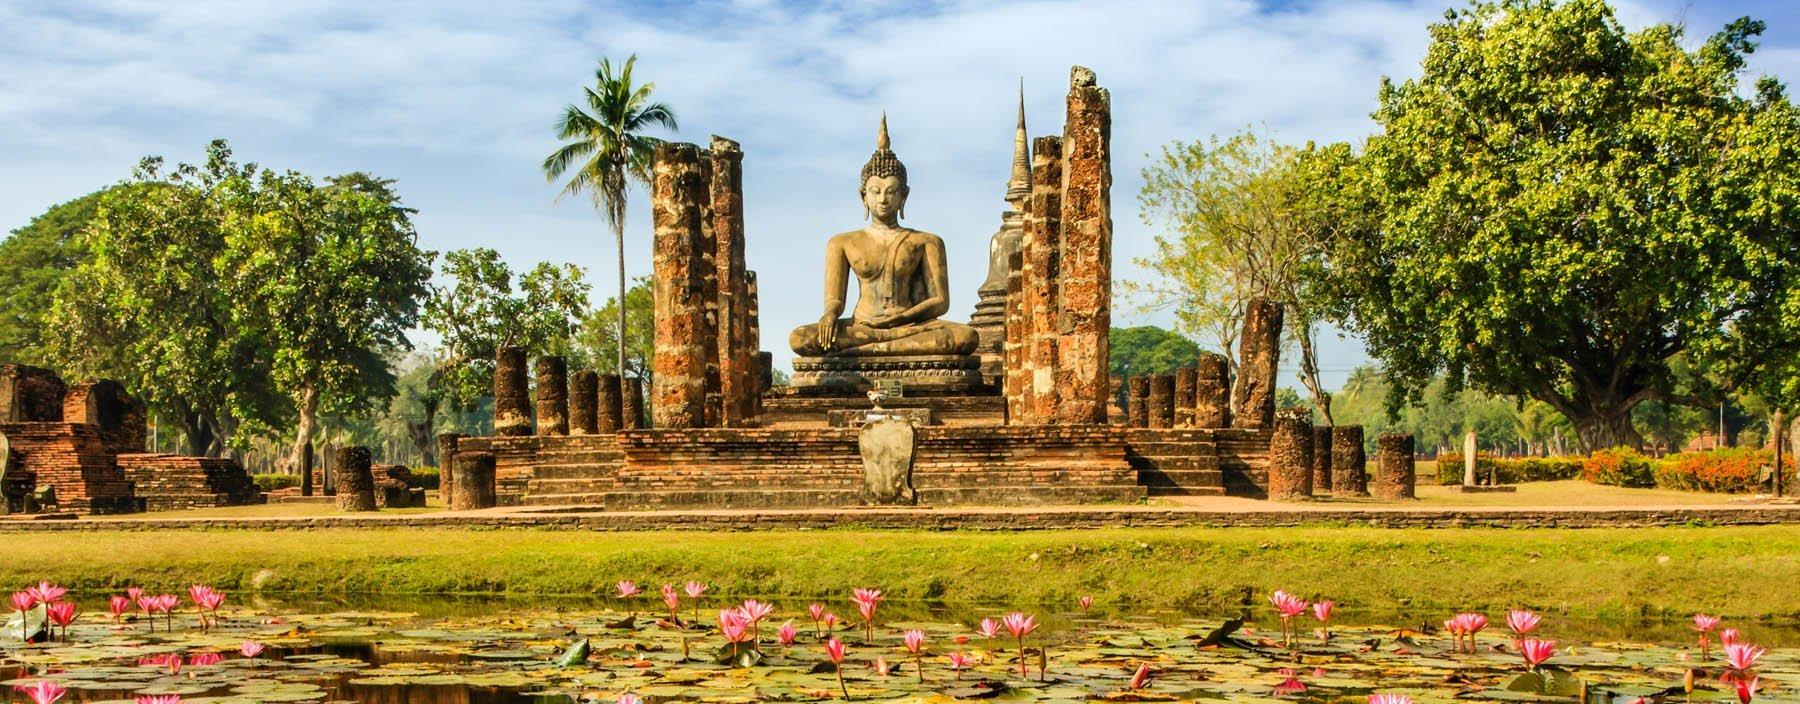 th, sukhothai, wat mahathat (4).jpg